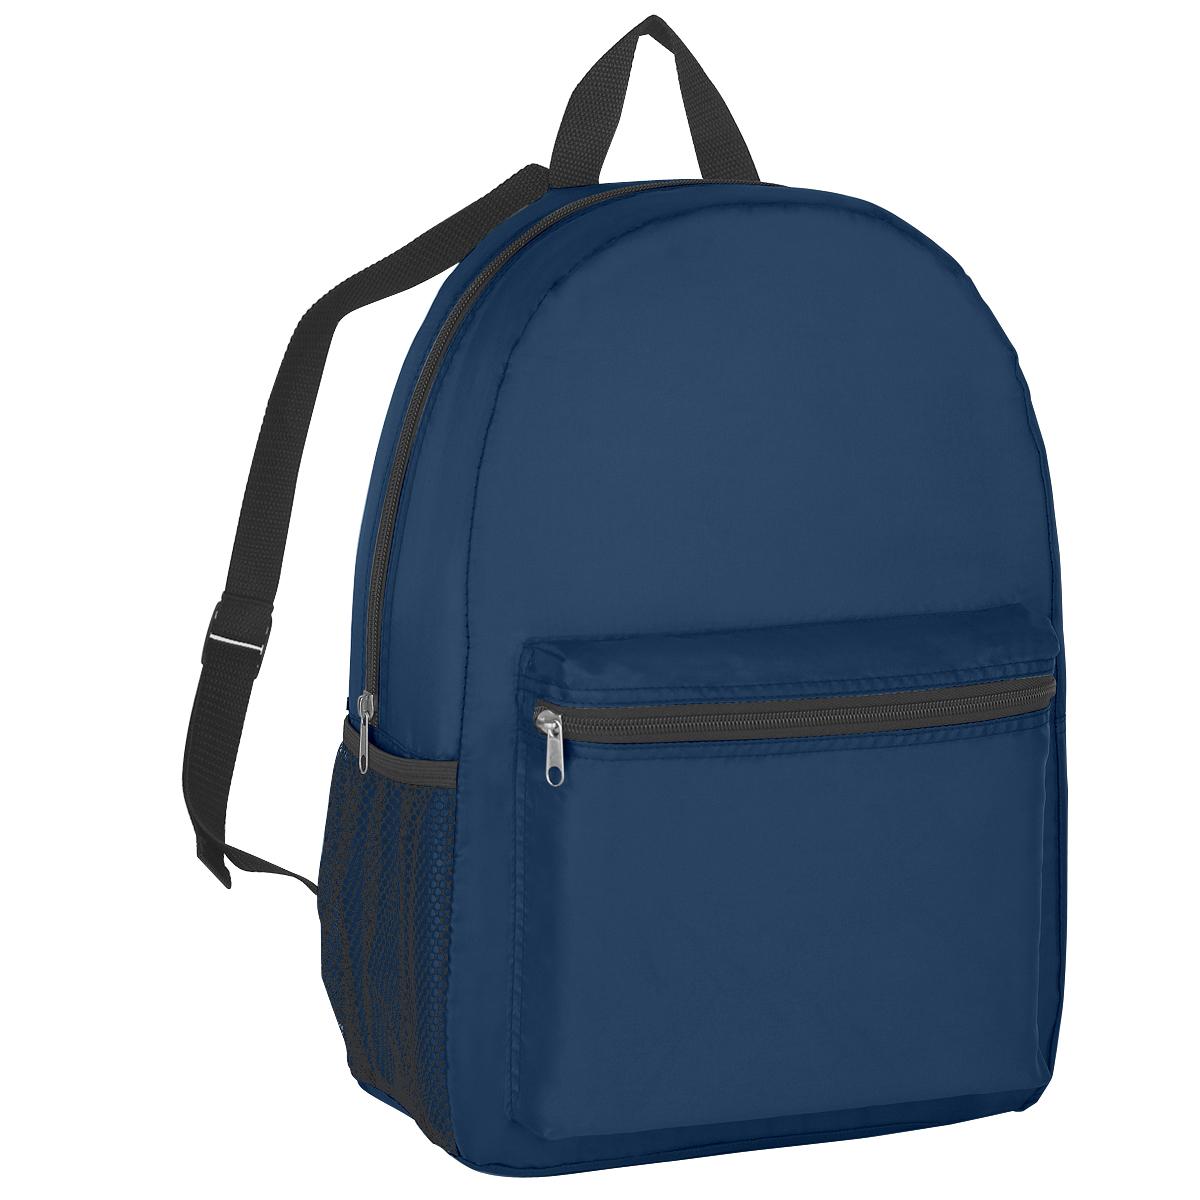 3023 - Backpack